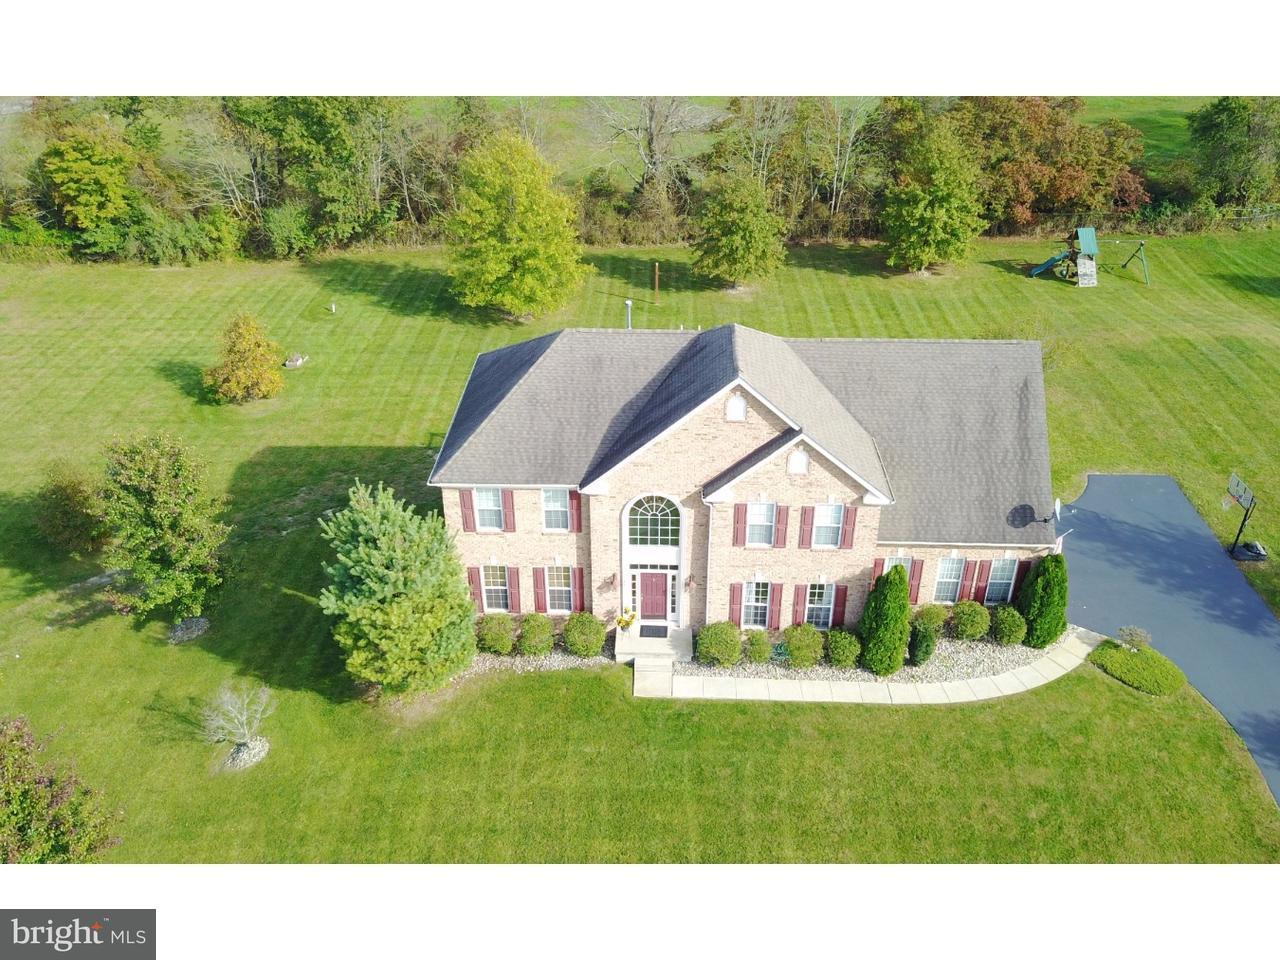 Maison unifamiliale pour l Vente à 25 NICHOLAS Court Cream Ridge, New Jersey 08514 États-UnisDans/Autour: Upper Freehold Township